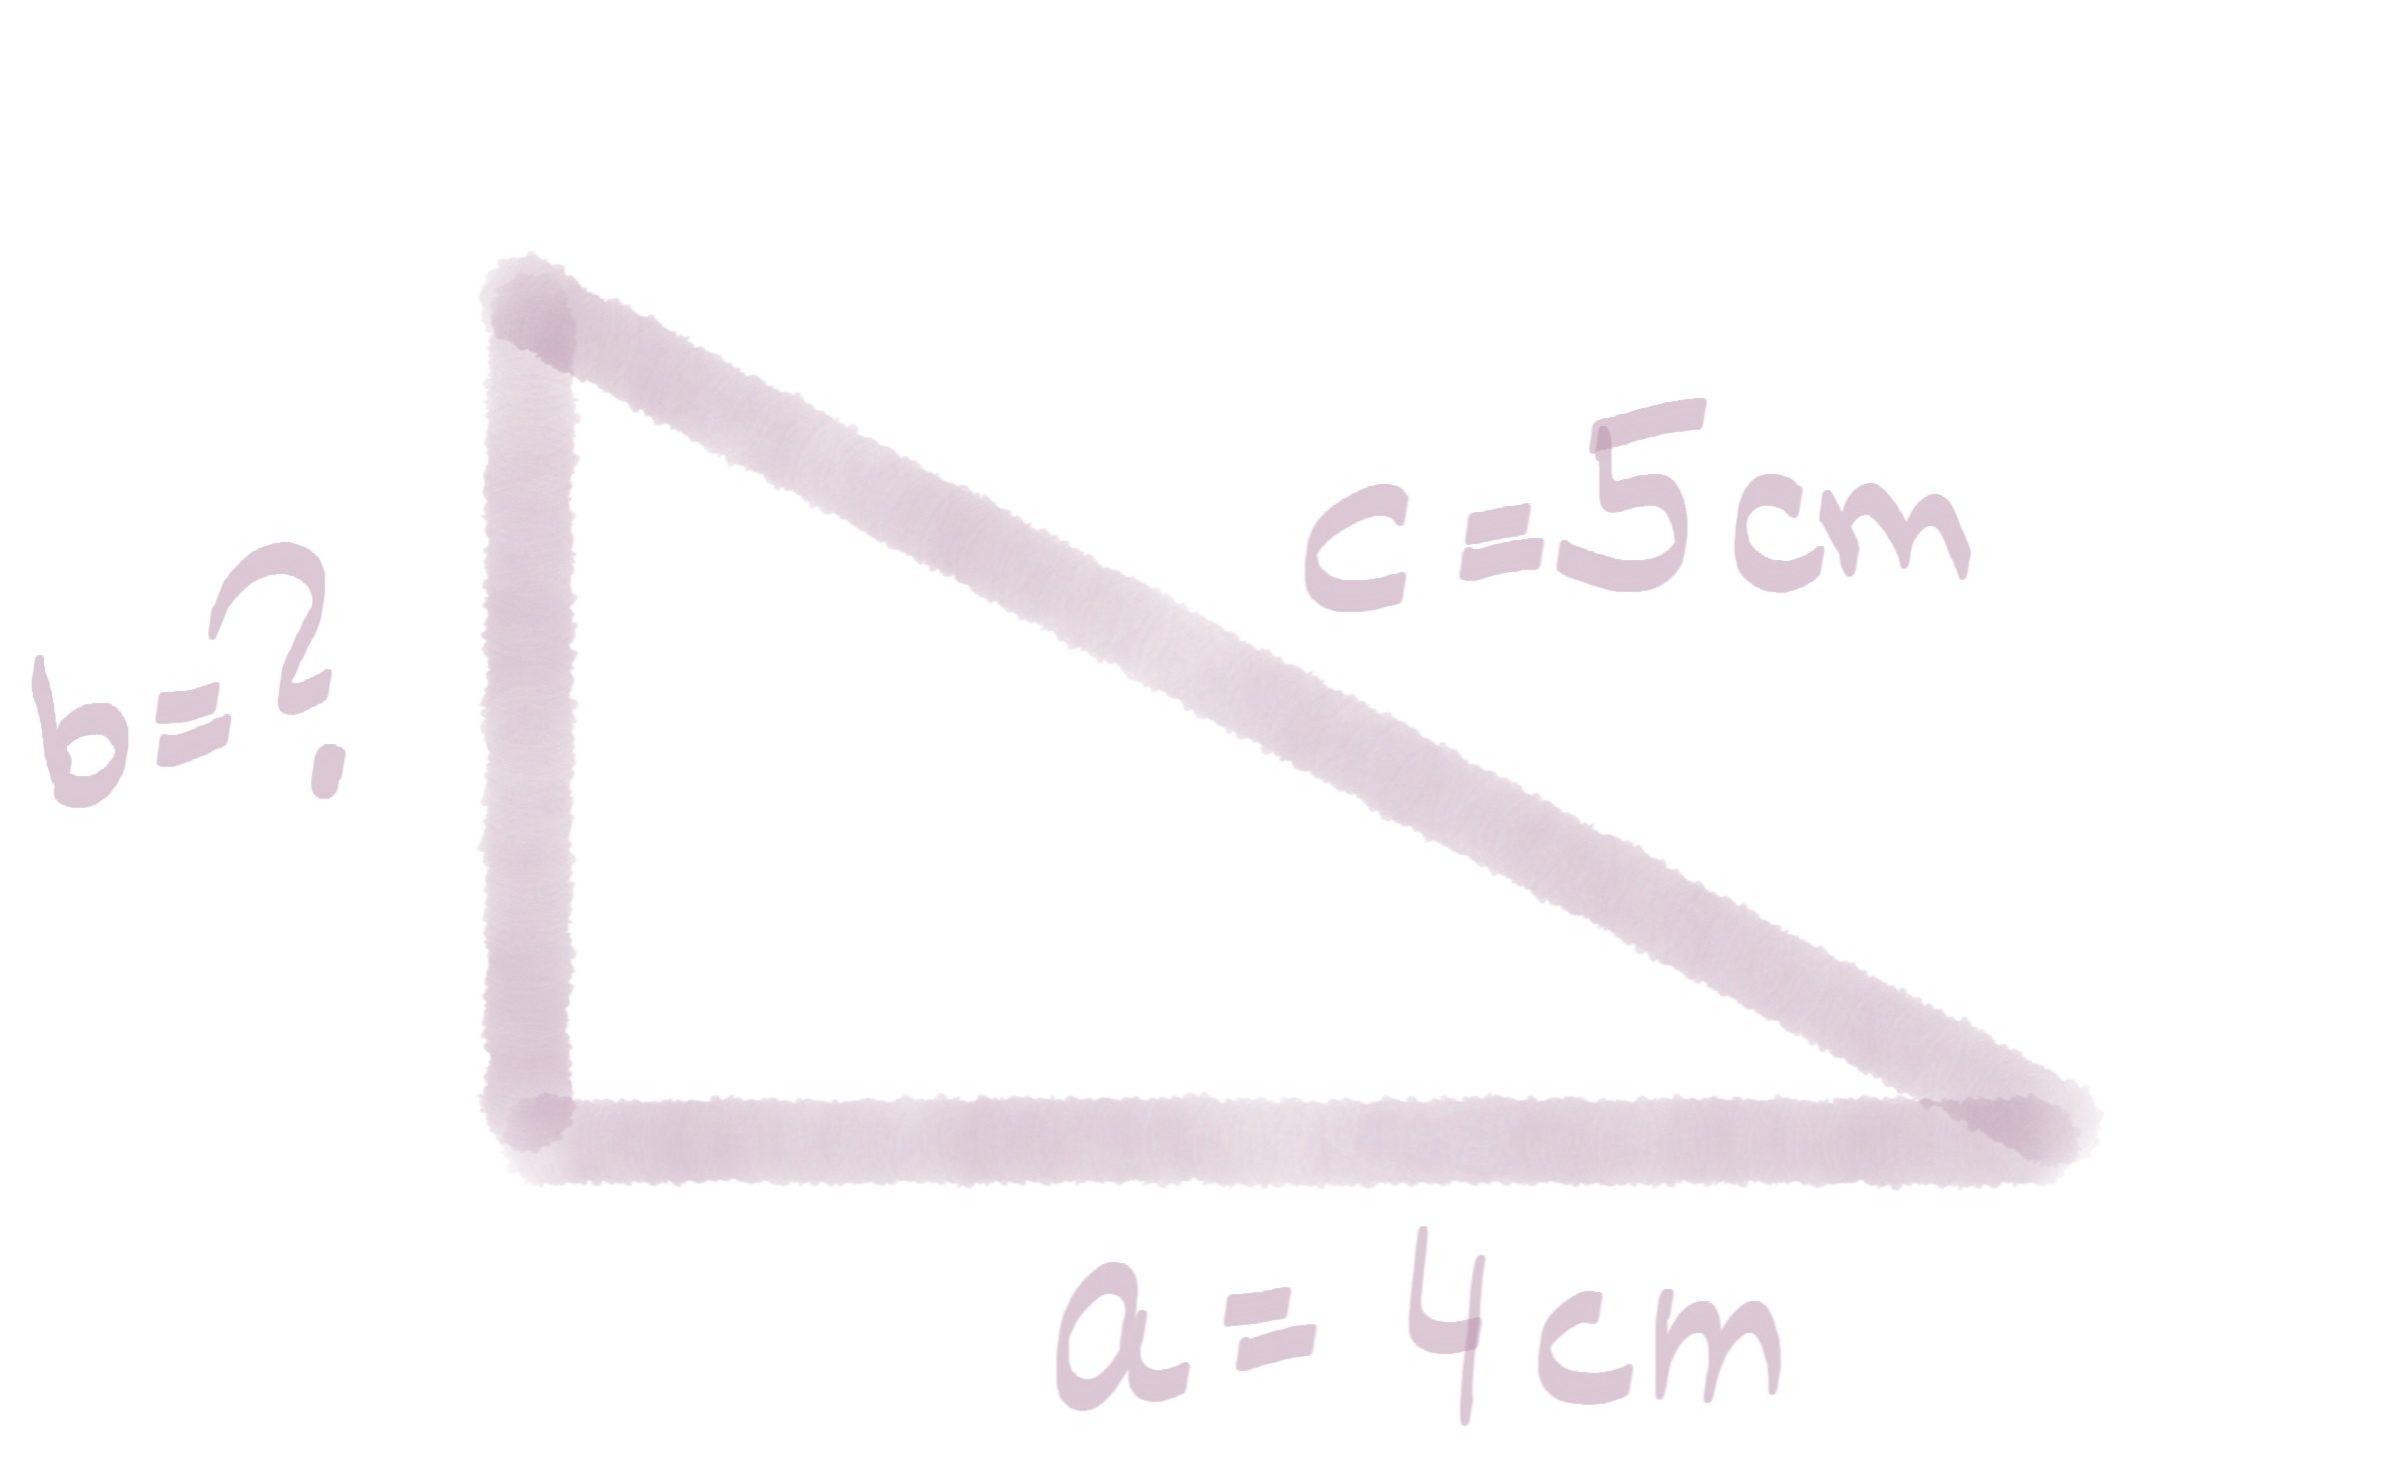 der satz des pythagoras - trigonometrie bei nachgeholfen.de